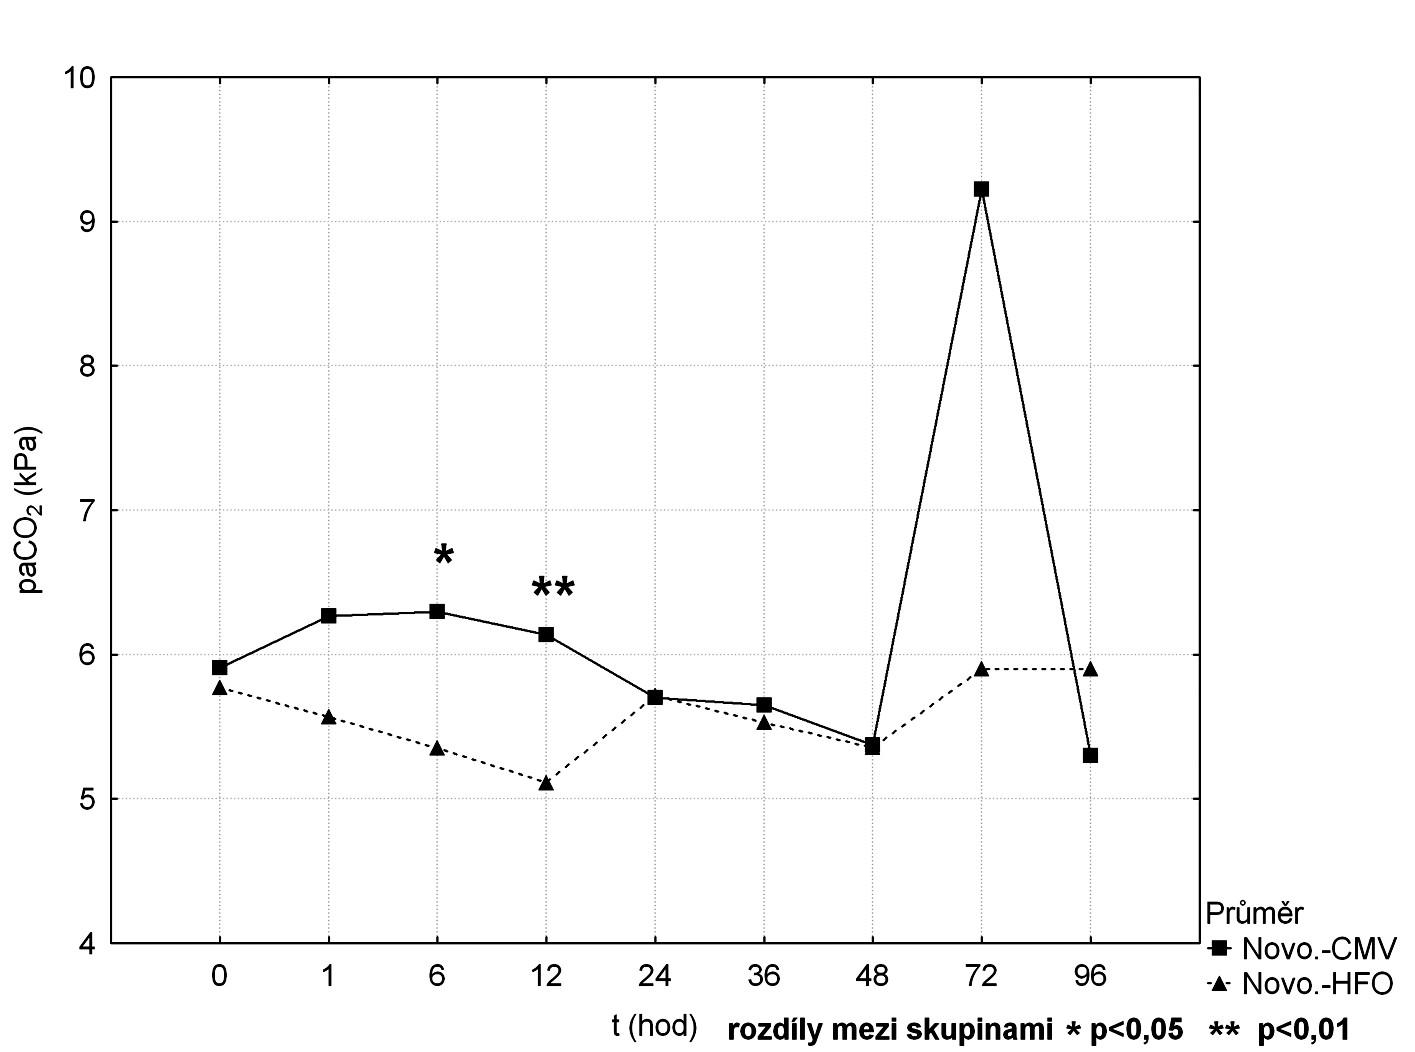 Srovnání průběhu paCO<sub>2</sub> mezi CMV a HFOV